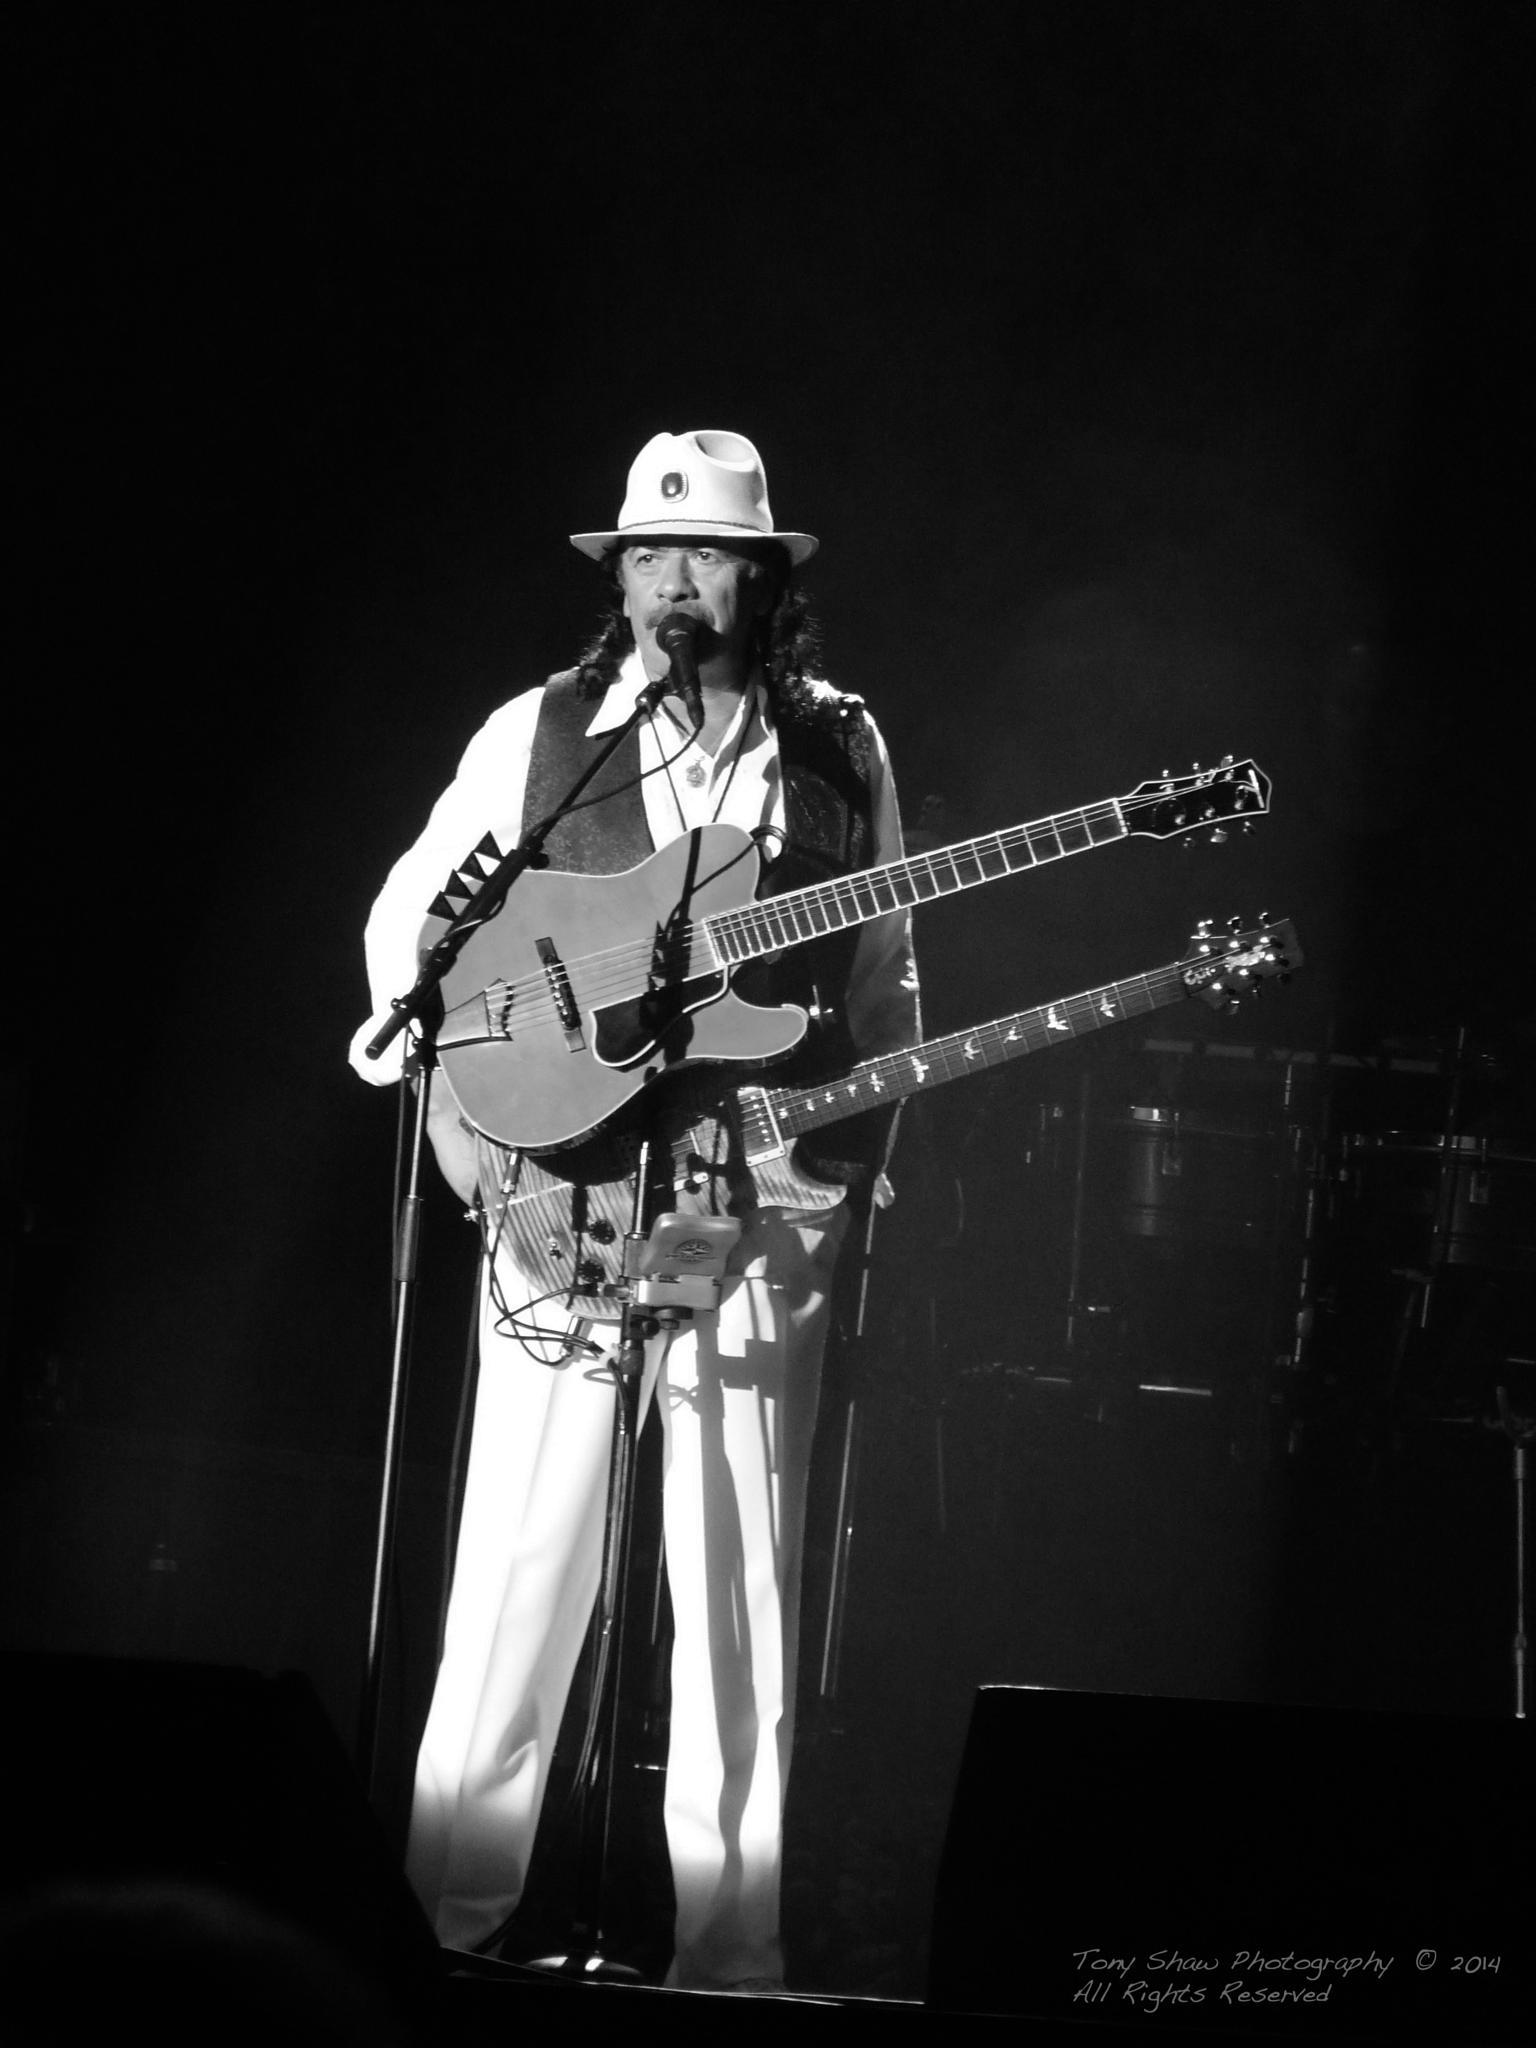 Carlos Santana by Tony Shaw